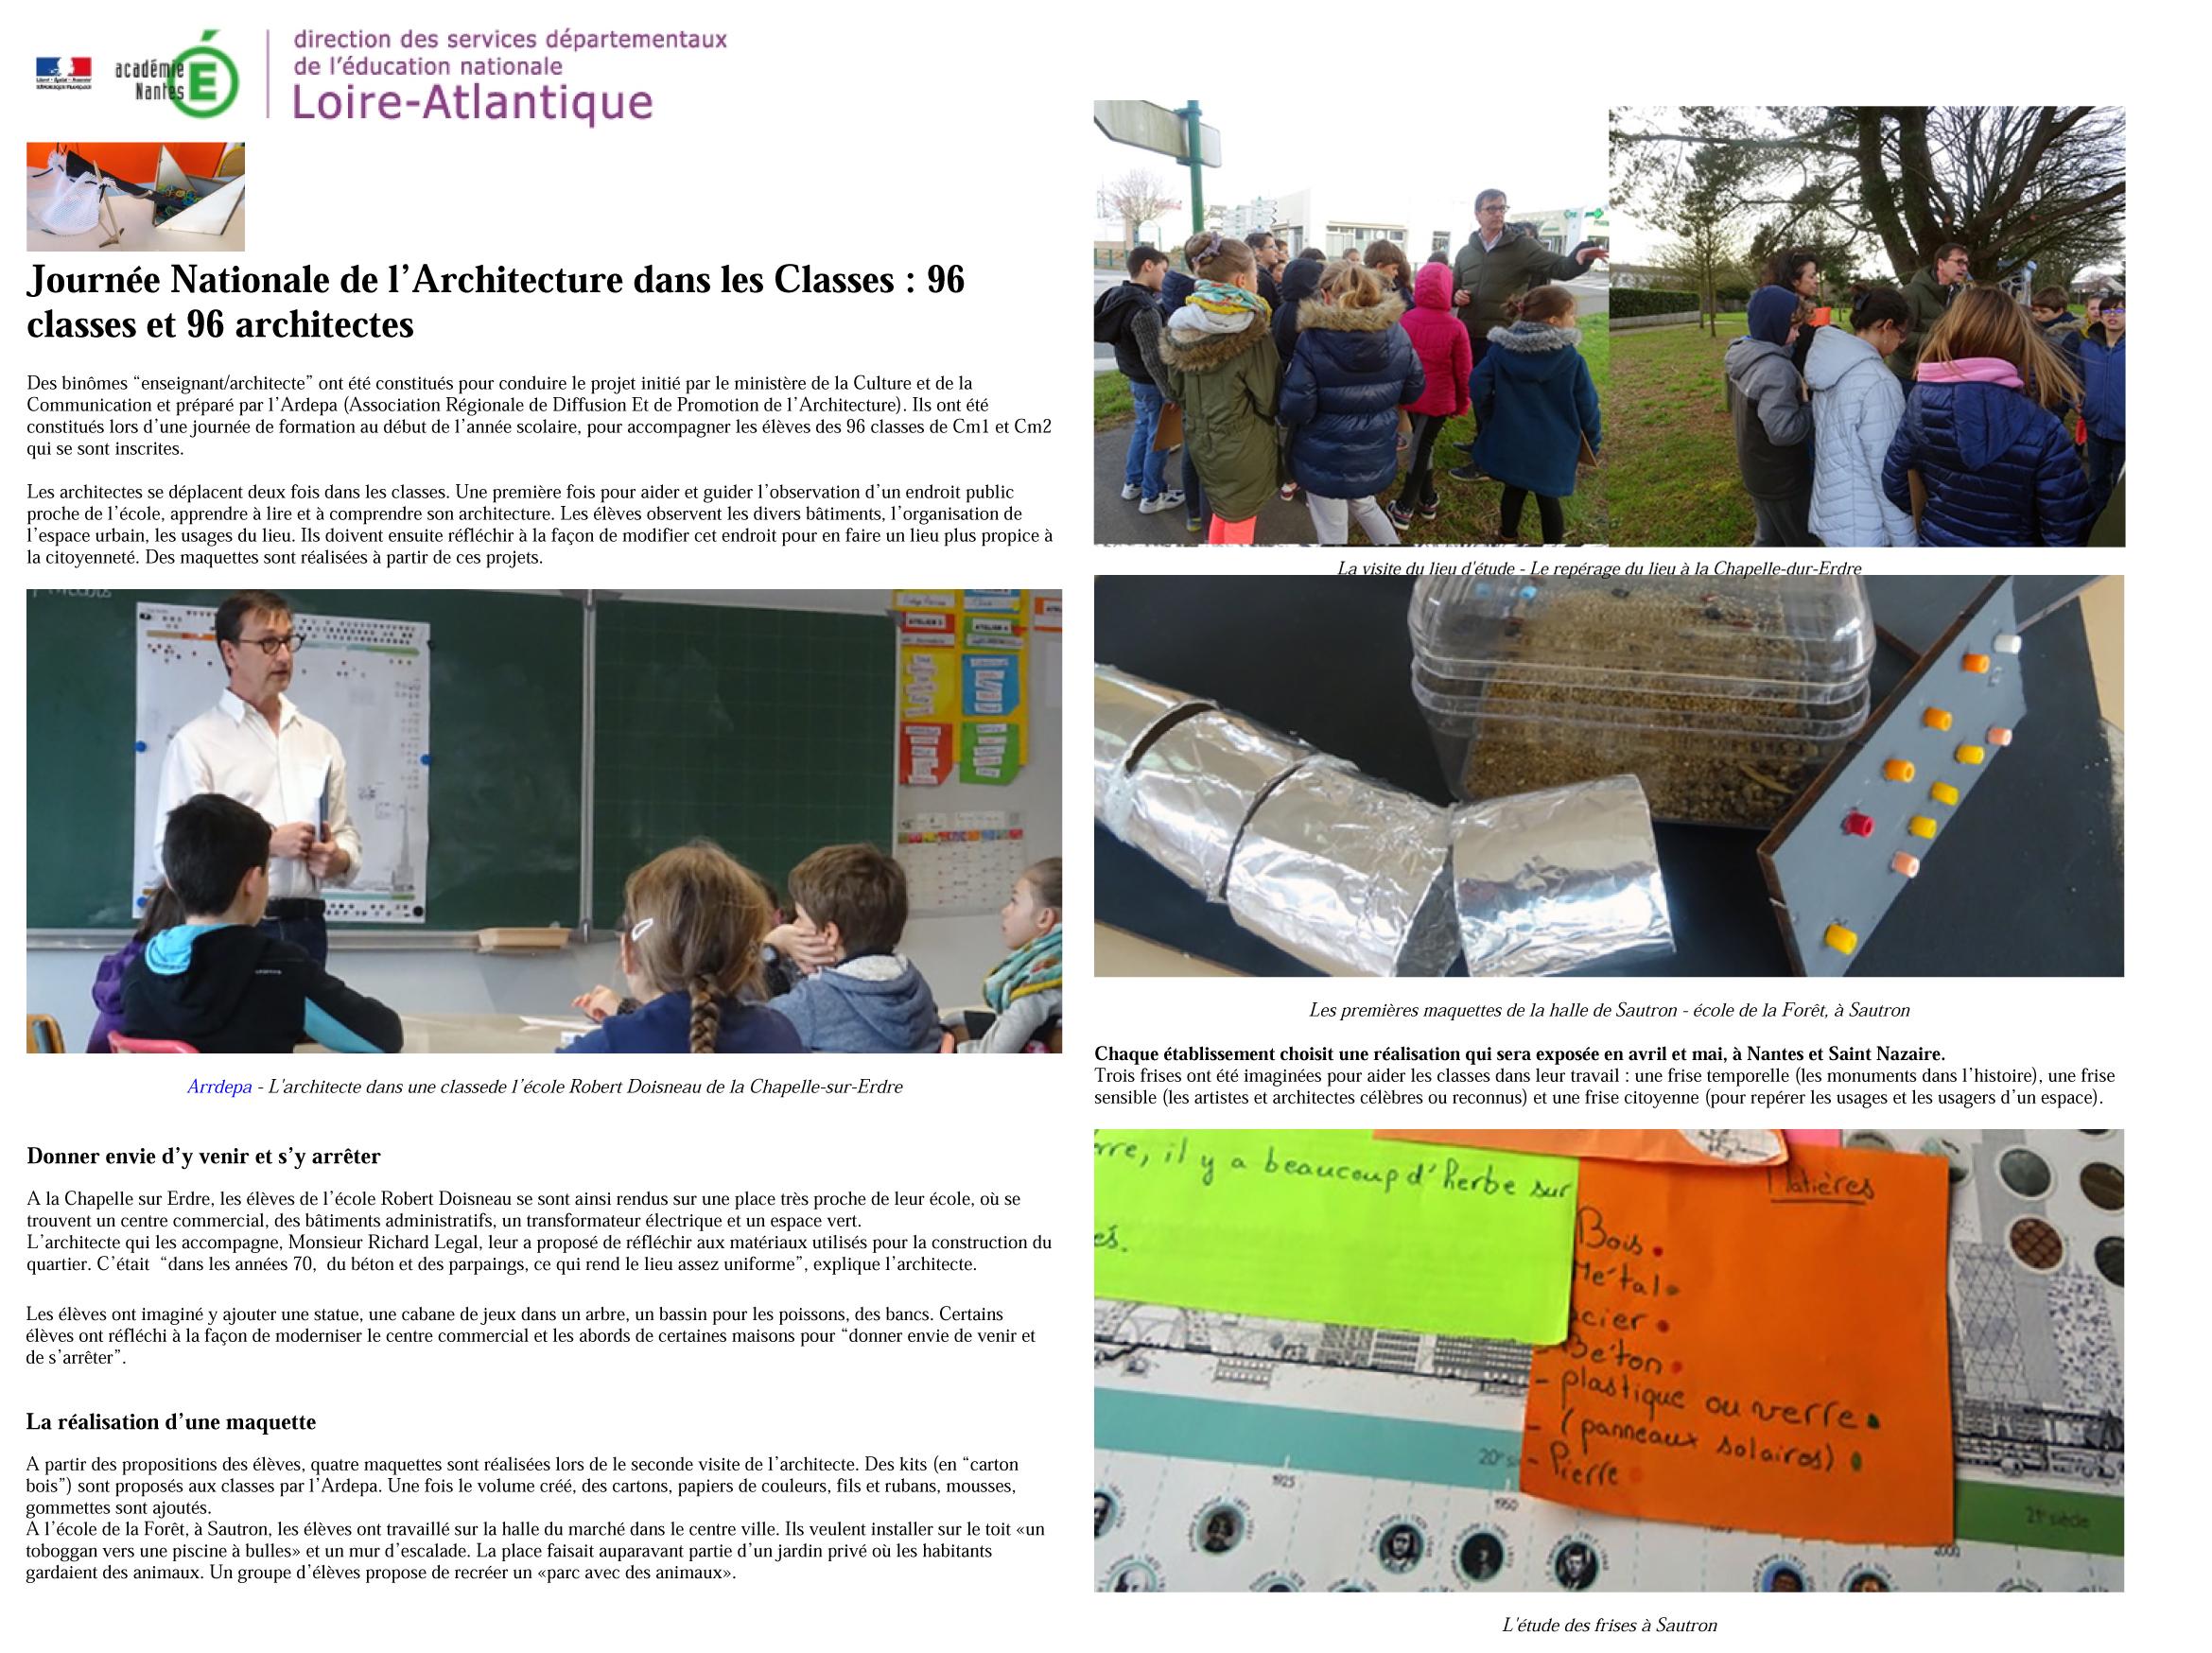 DSDEN 44 journée nationale de l'architecture dans les classes ardepa atelier pédagogique